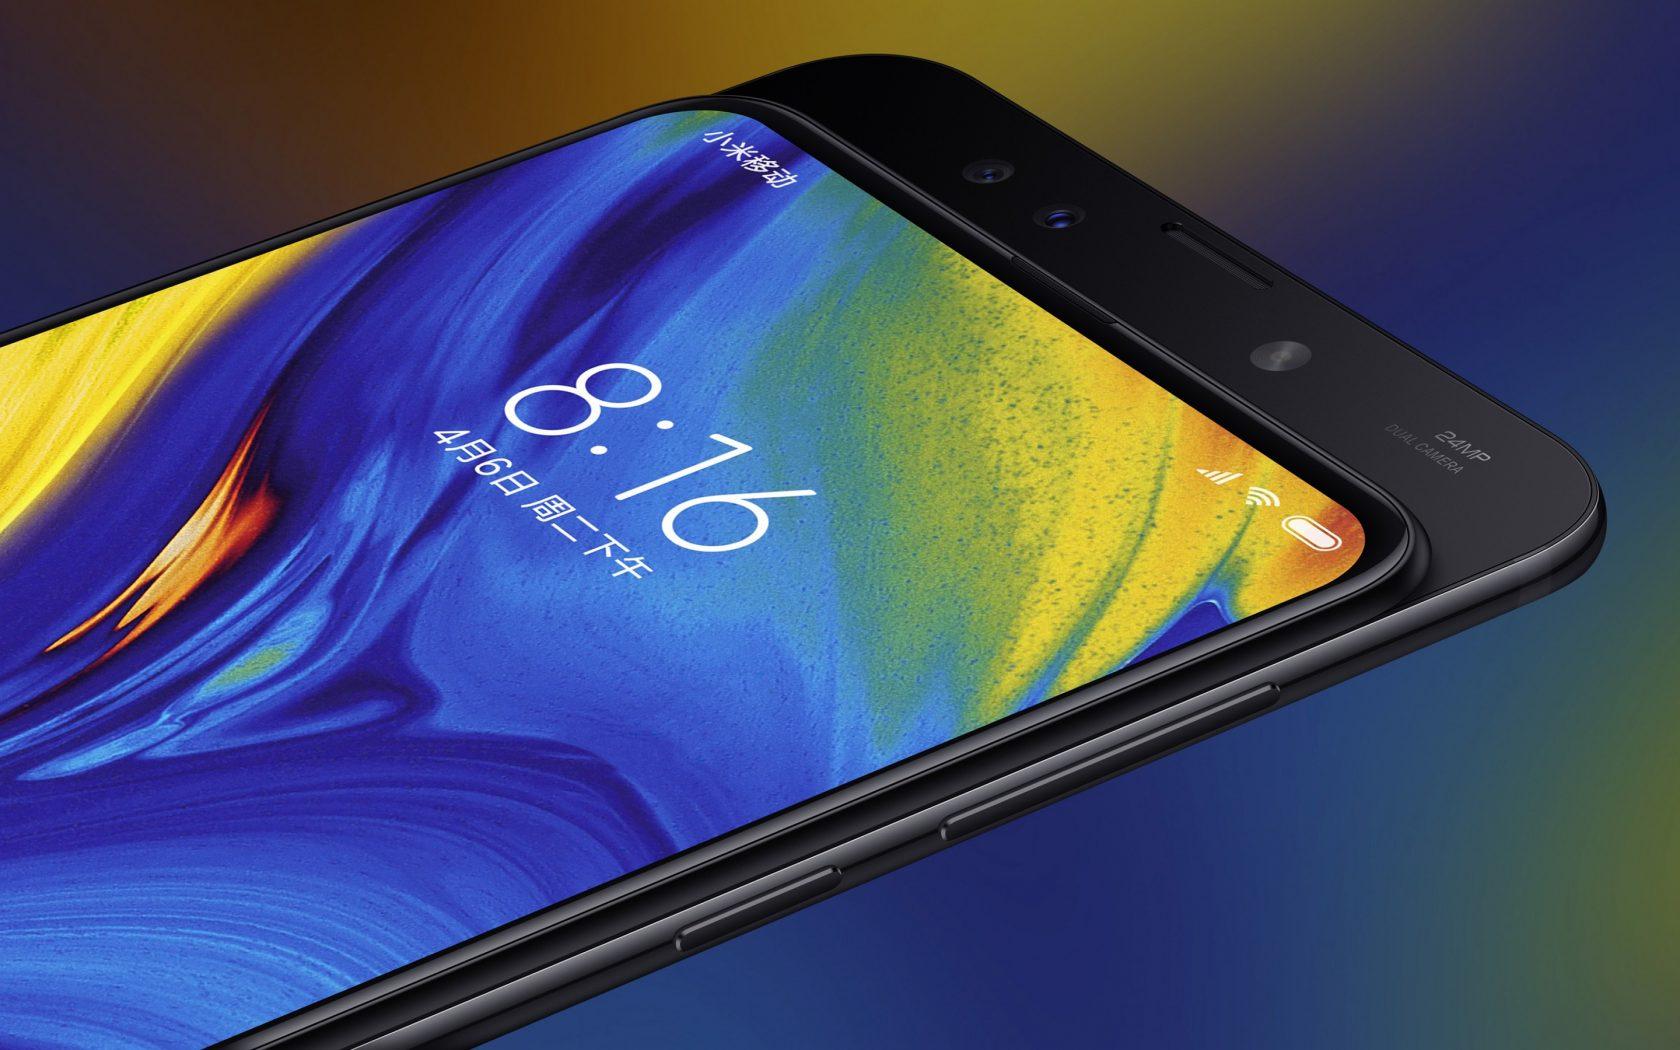 Xiaomi Mi Mix 3recibe MIUI v10.2.1.0.PEECNXM